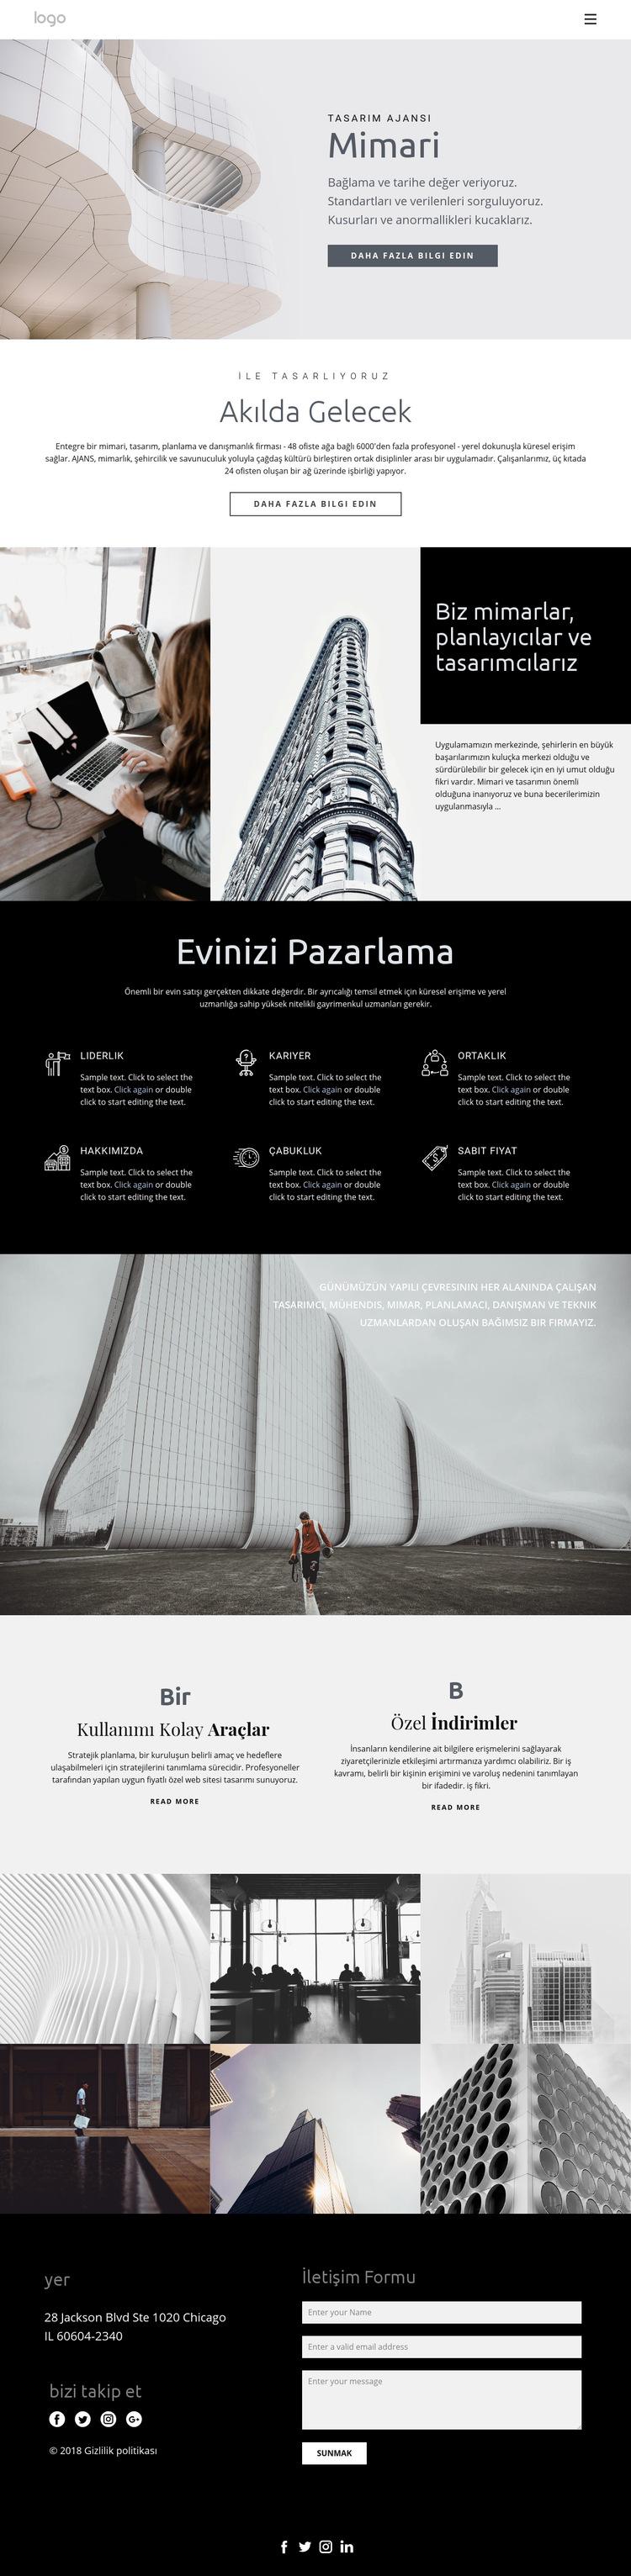 Kaliteli evler inşa etmek Web Sitesi Şablonu